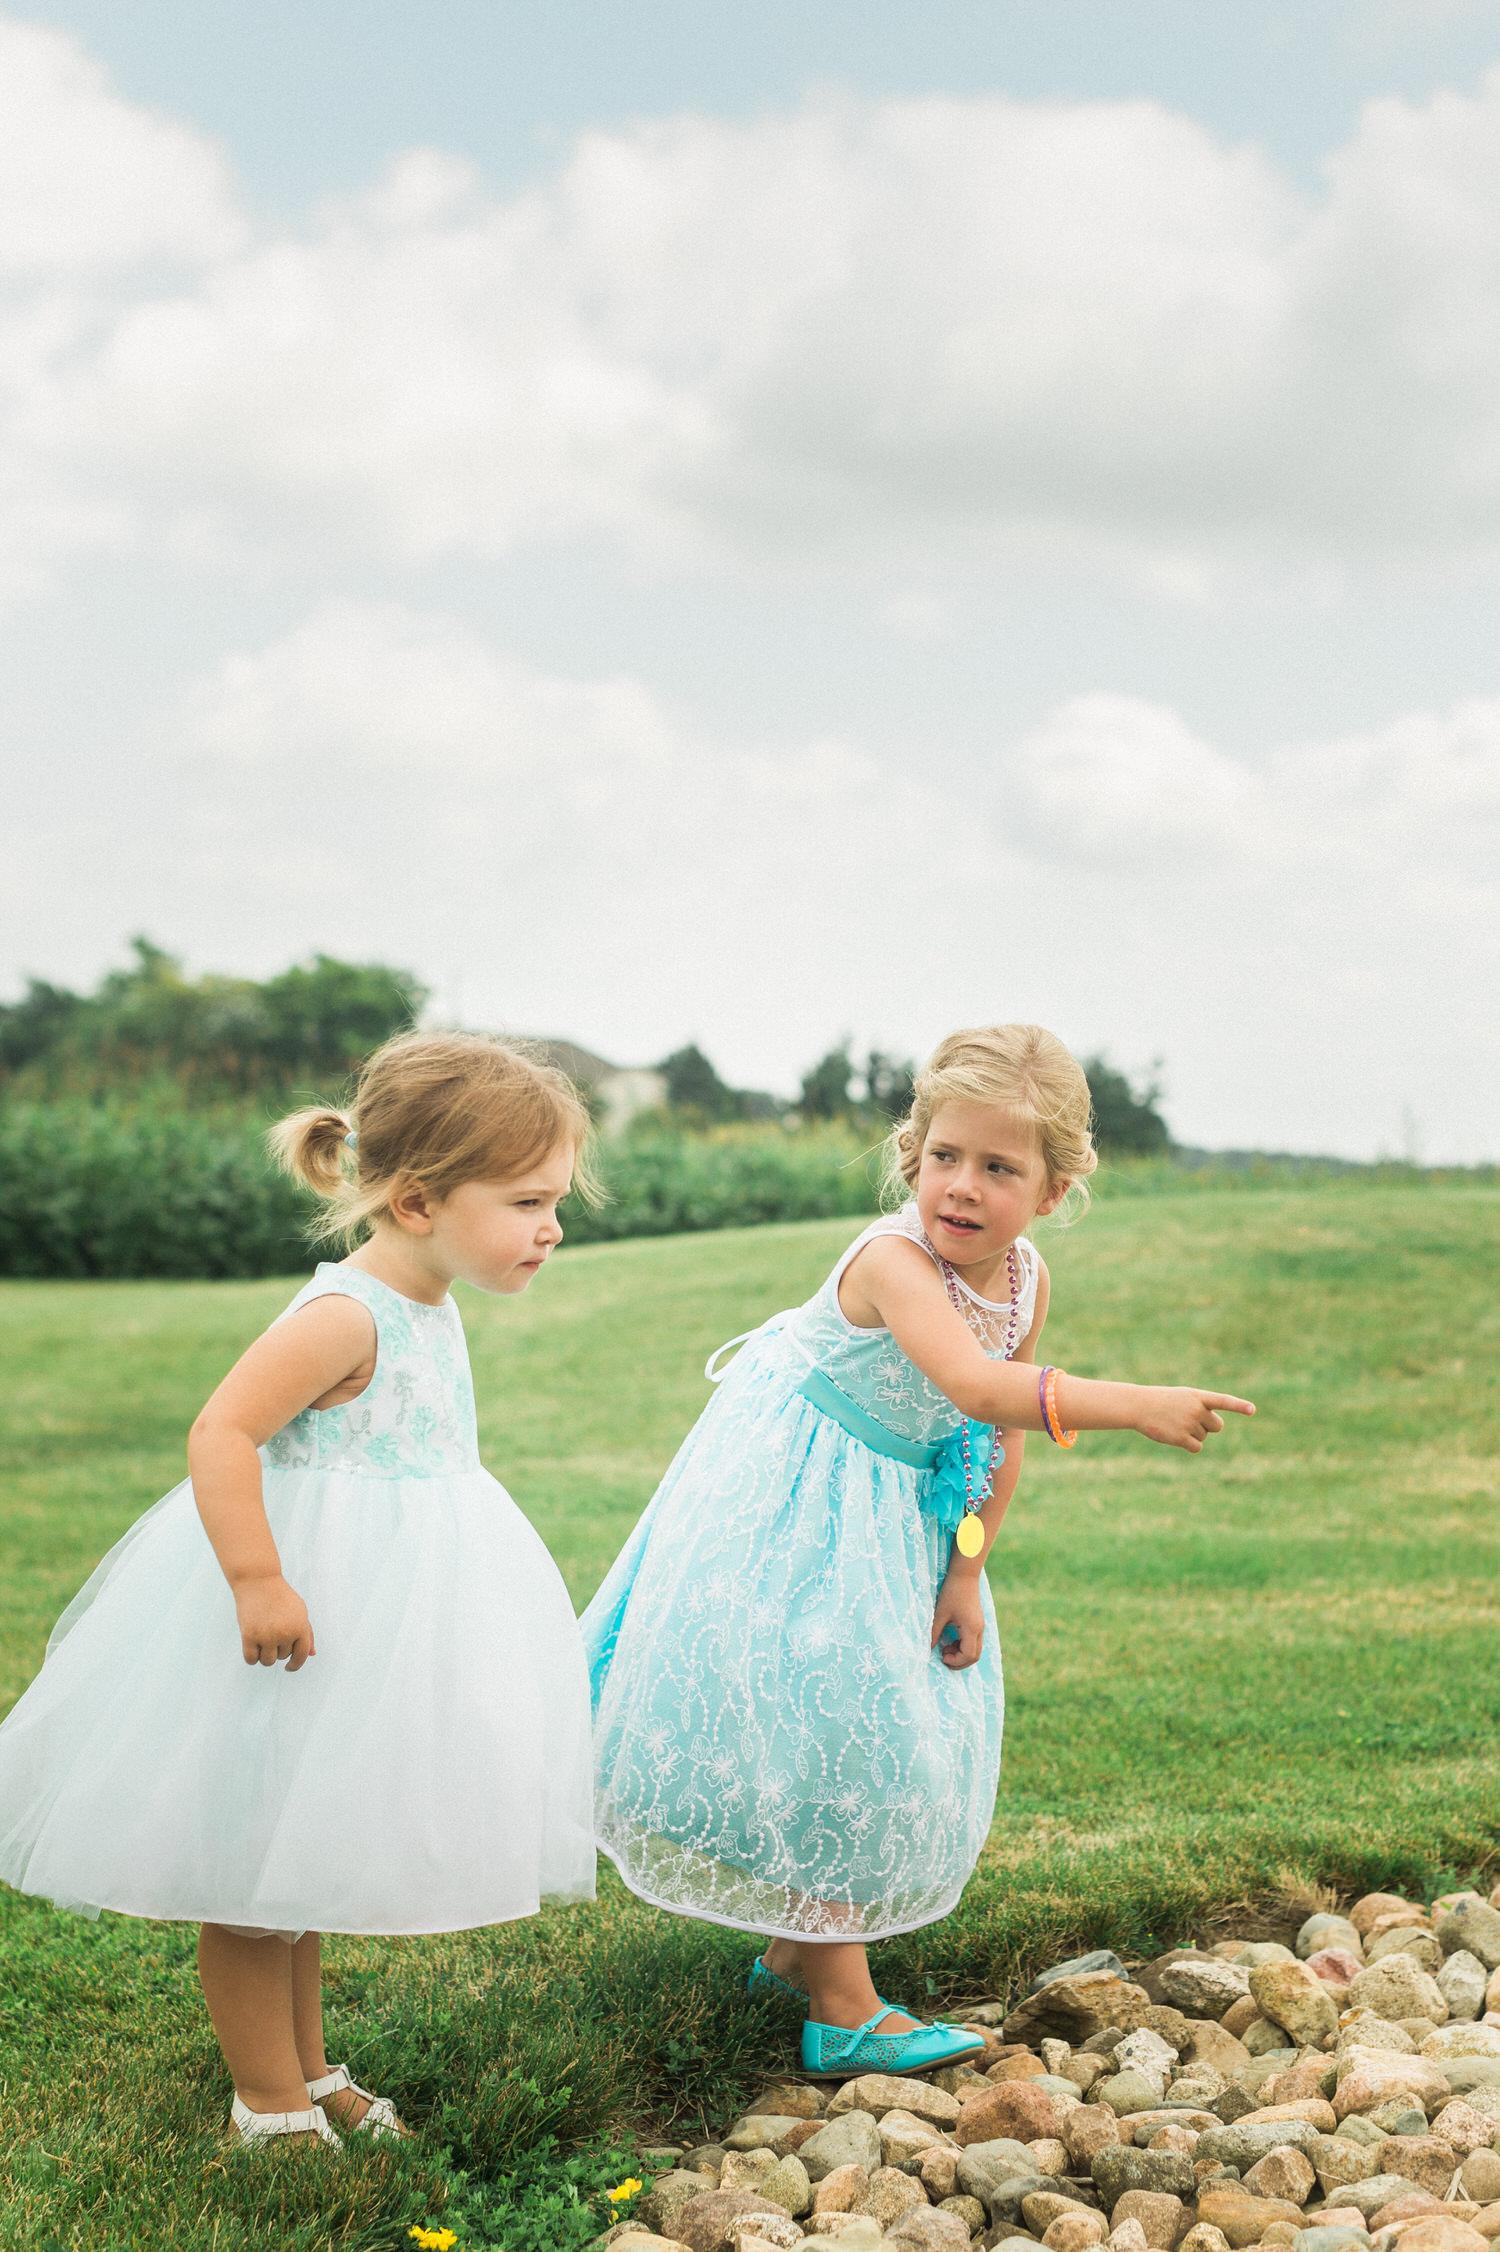 caudle-williams-girls-1.jpg